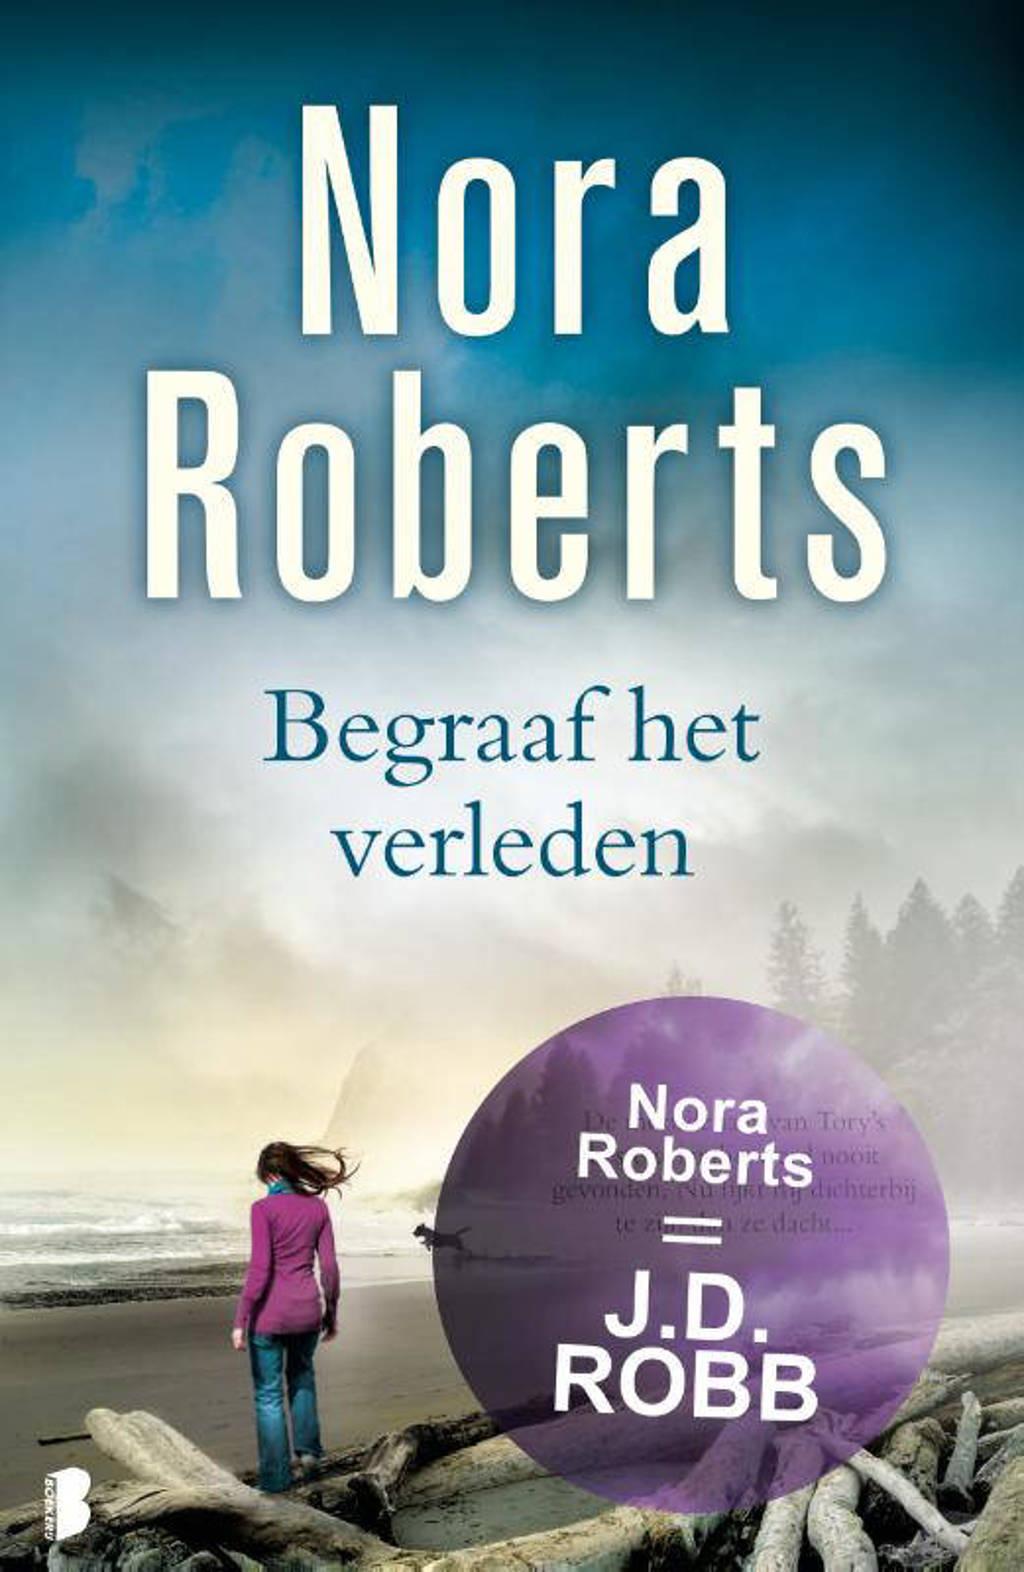 Begraaf het verleden - Nora Roberts